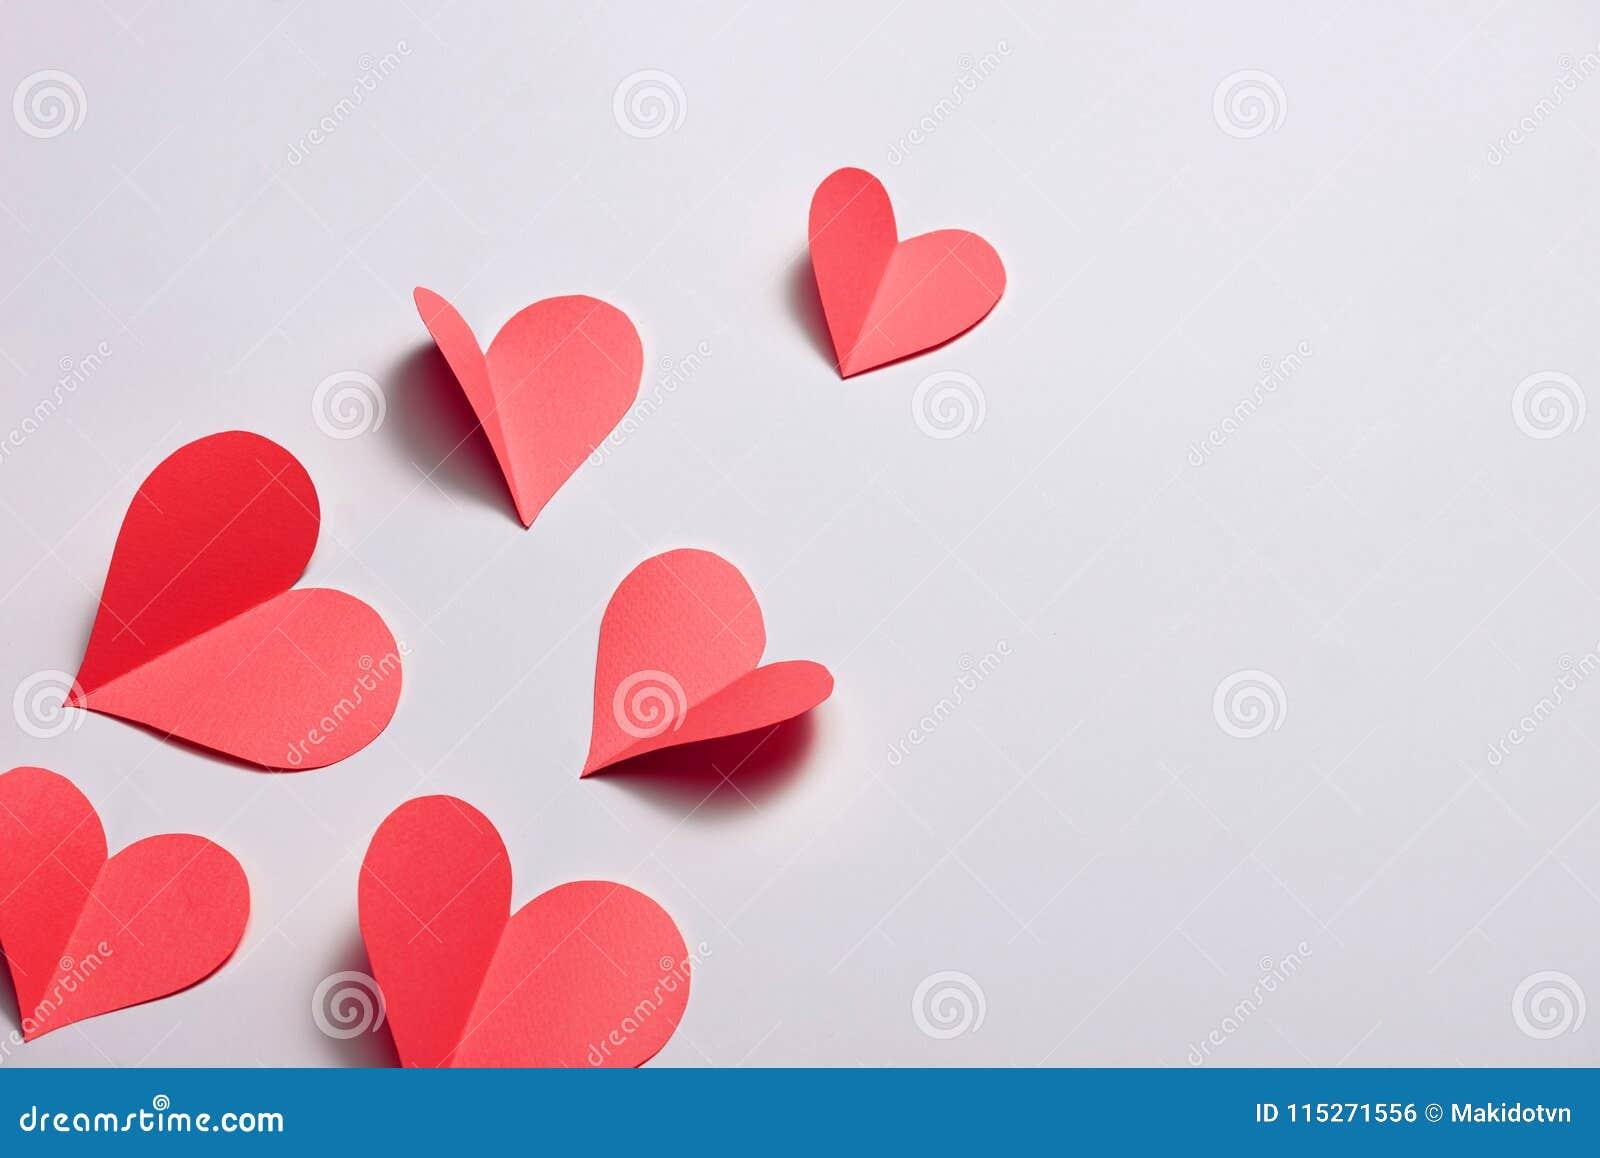 Pieghi i cuori rossi di carta {taglio di carta} del cuore, cuore della piegatura della carta isolato su fondo bianco Carte per il